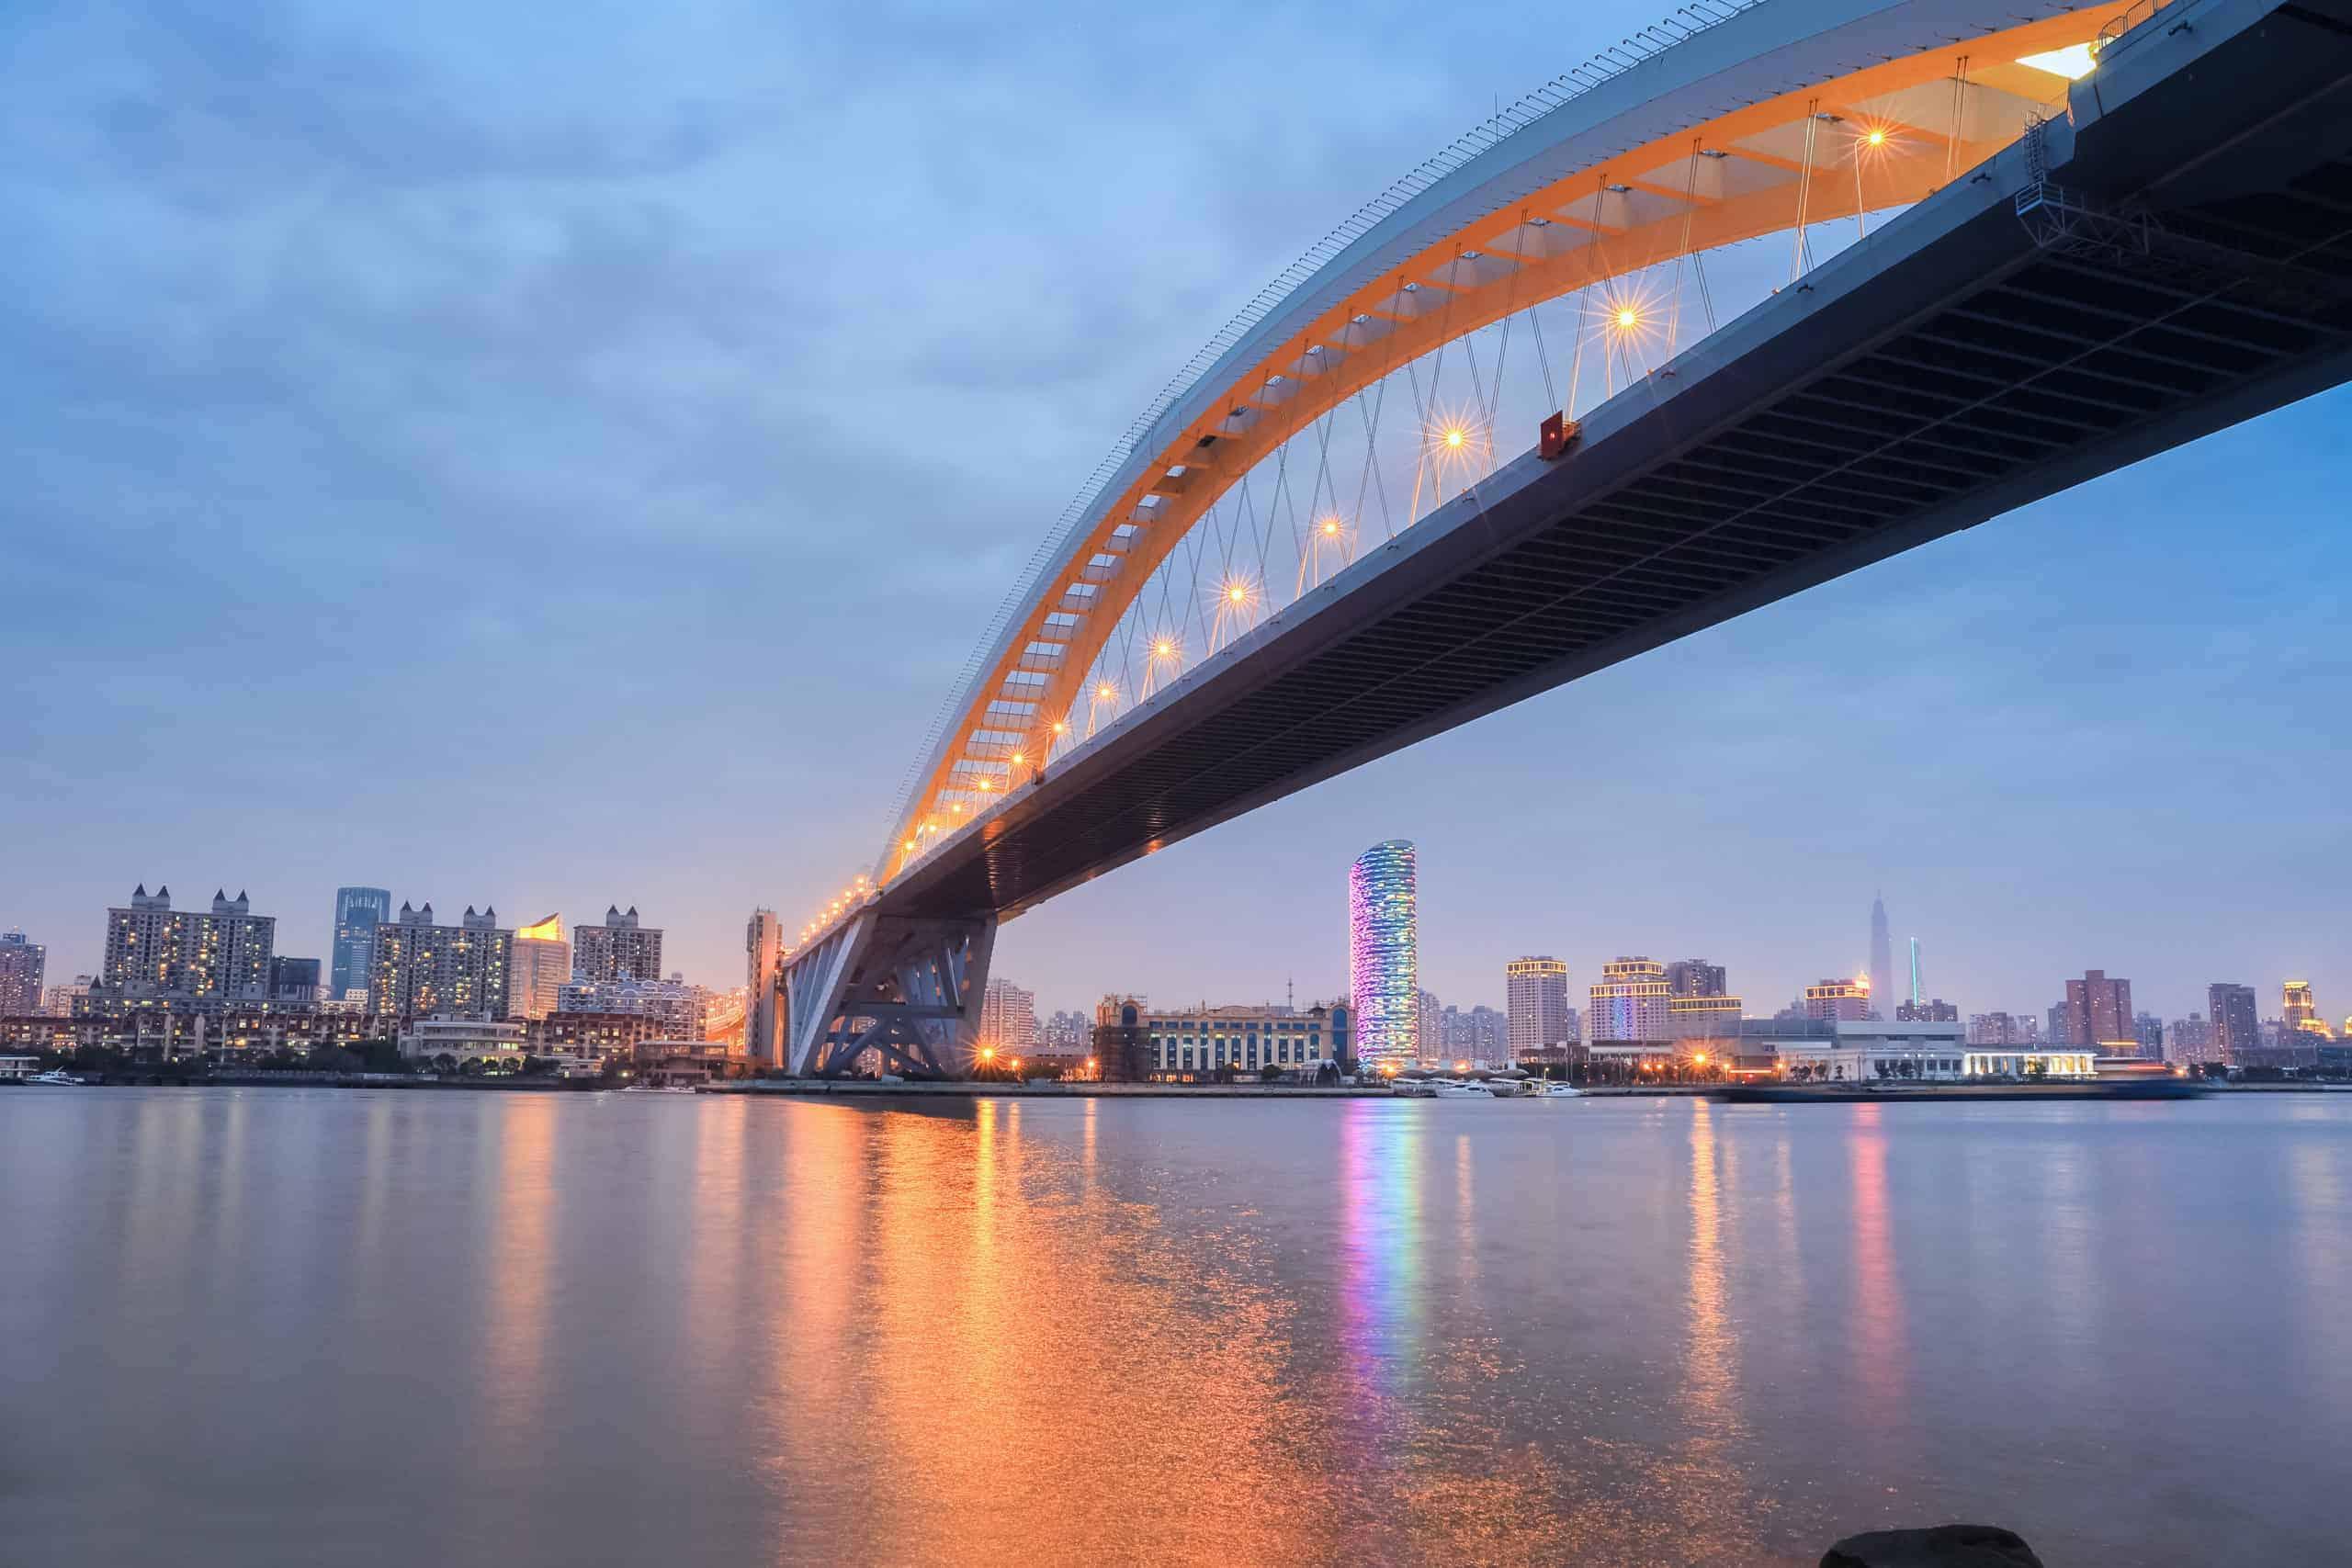 lupu bridge in nightfall scaled